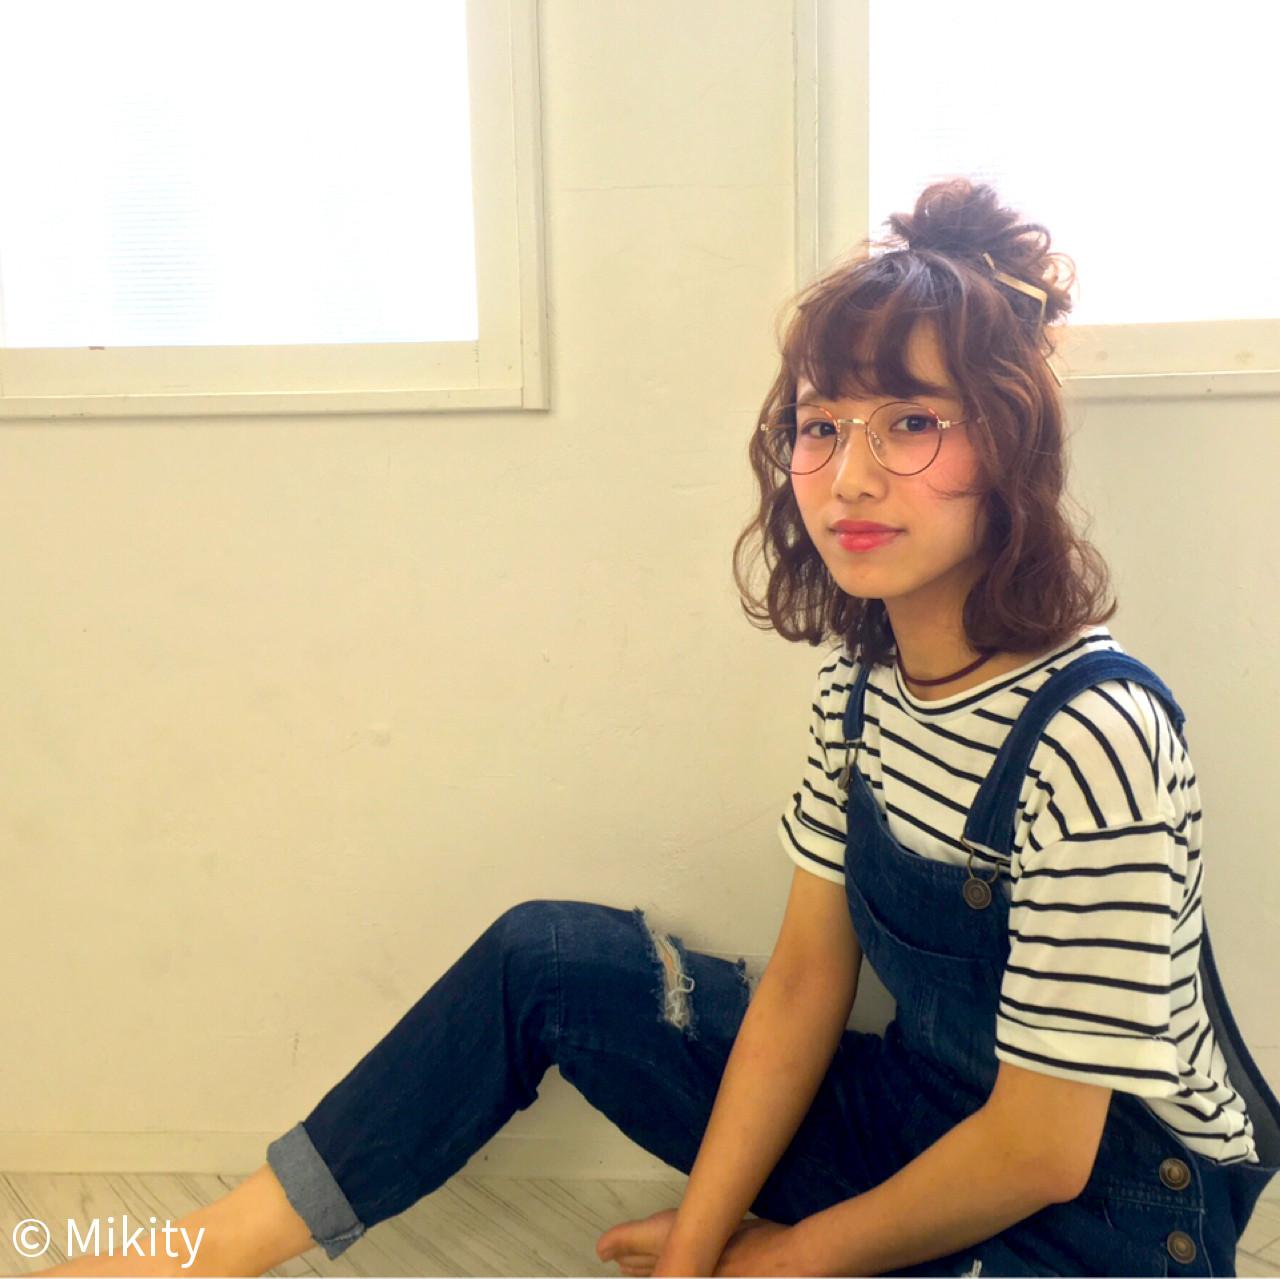 ストリート ボブ ピュア ハーフアップ ヘアスタイルや髪型の写真・画像 | Miki /